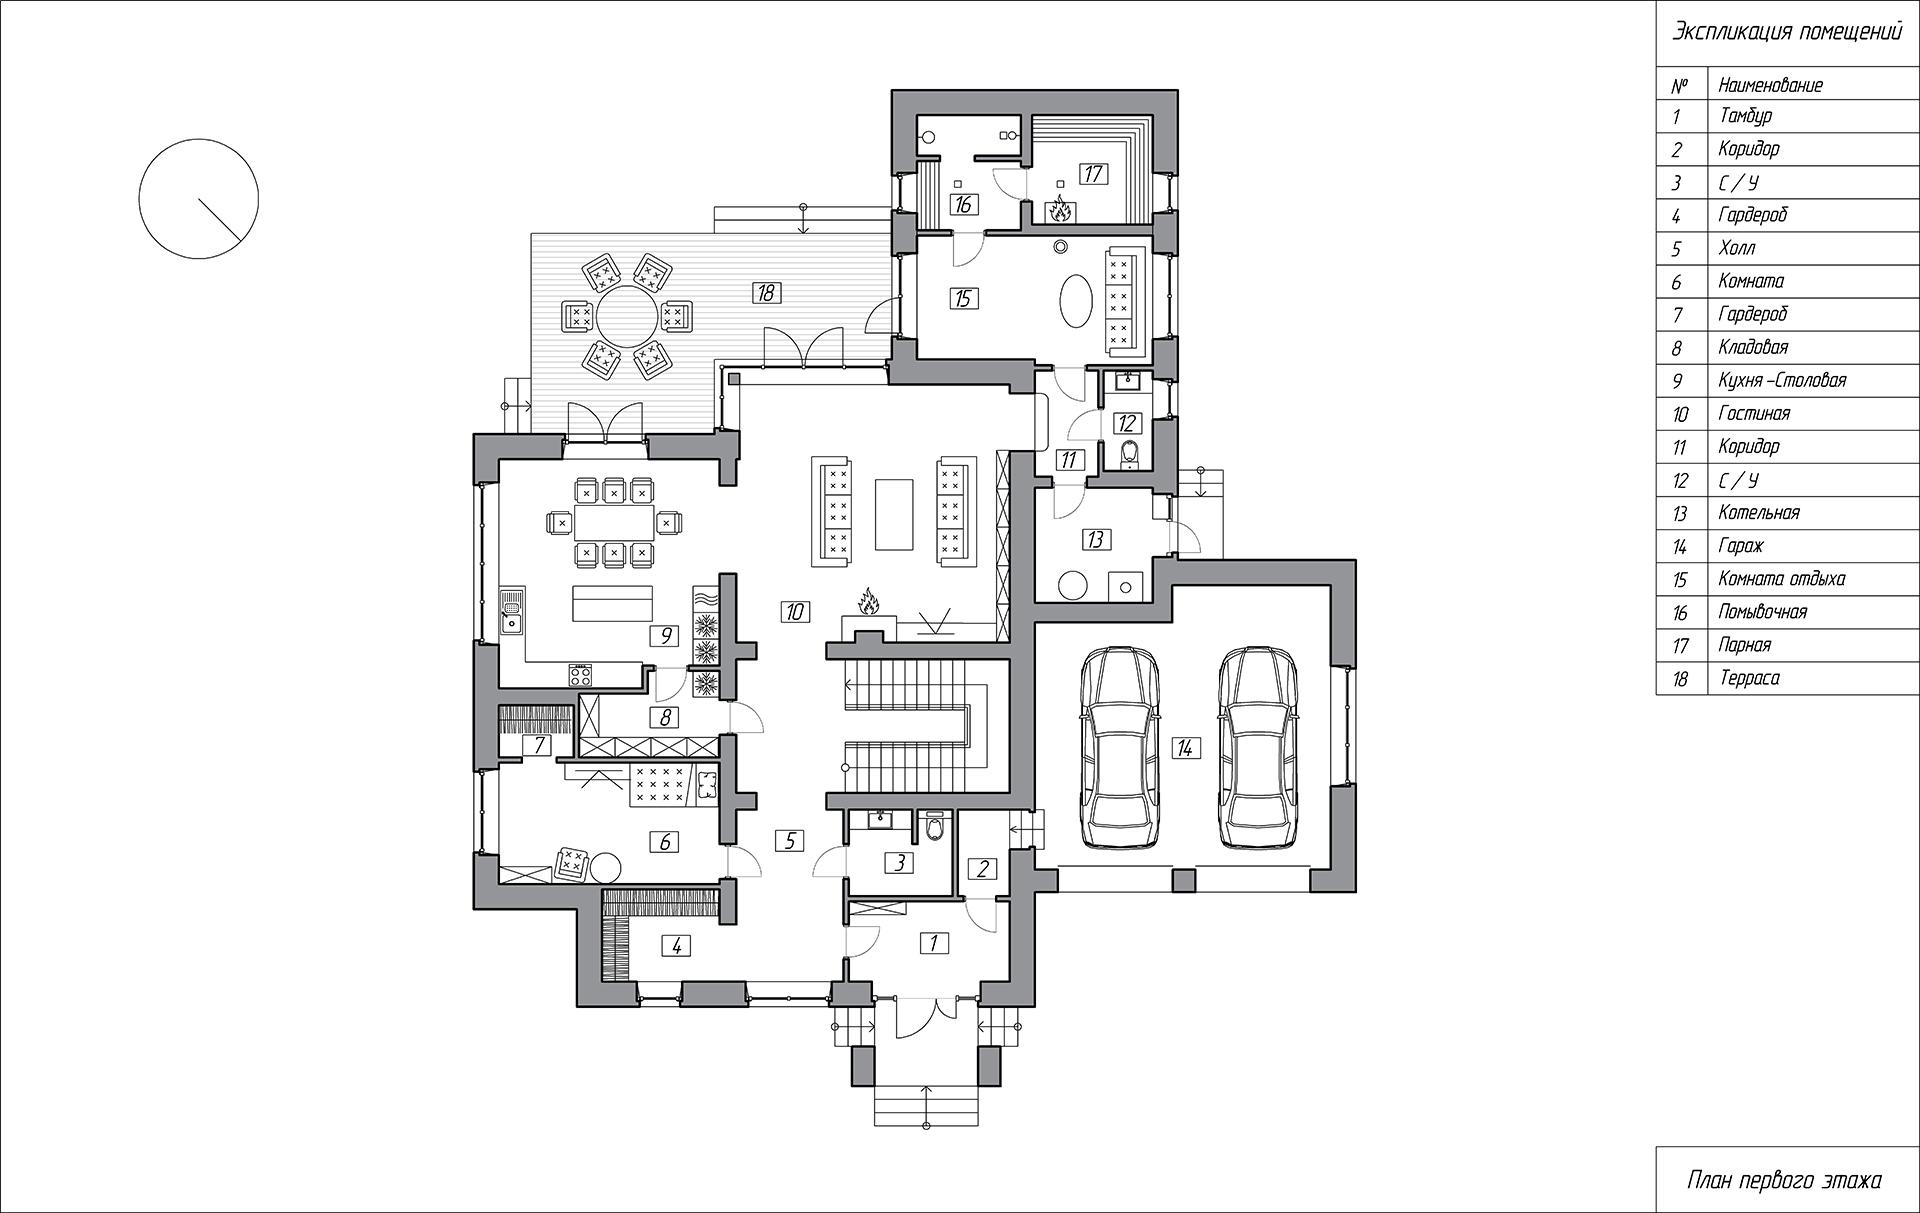 10-Nagorniy-web-1-floor